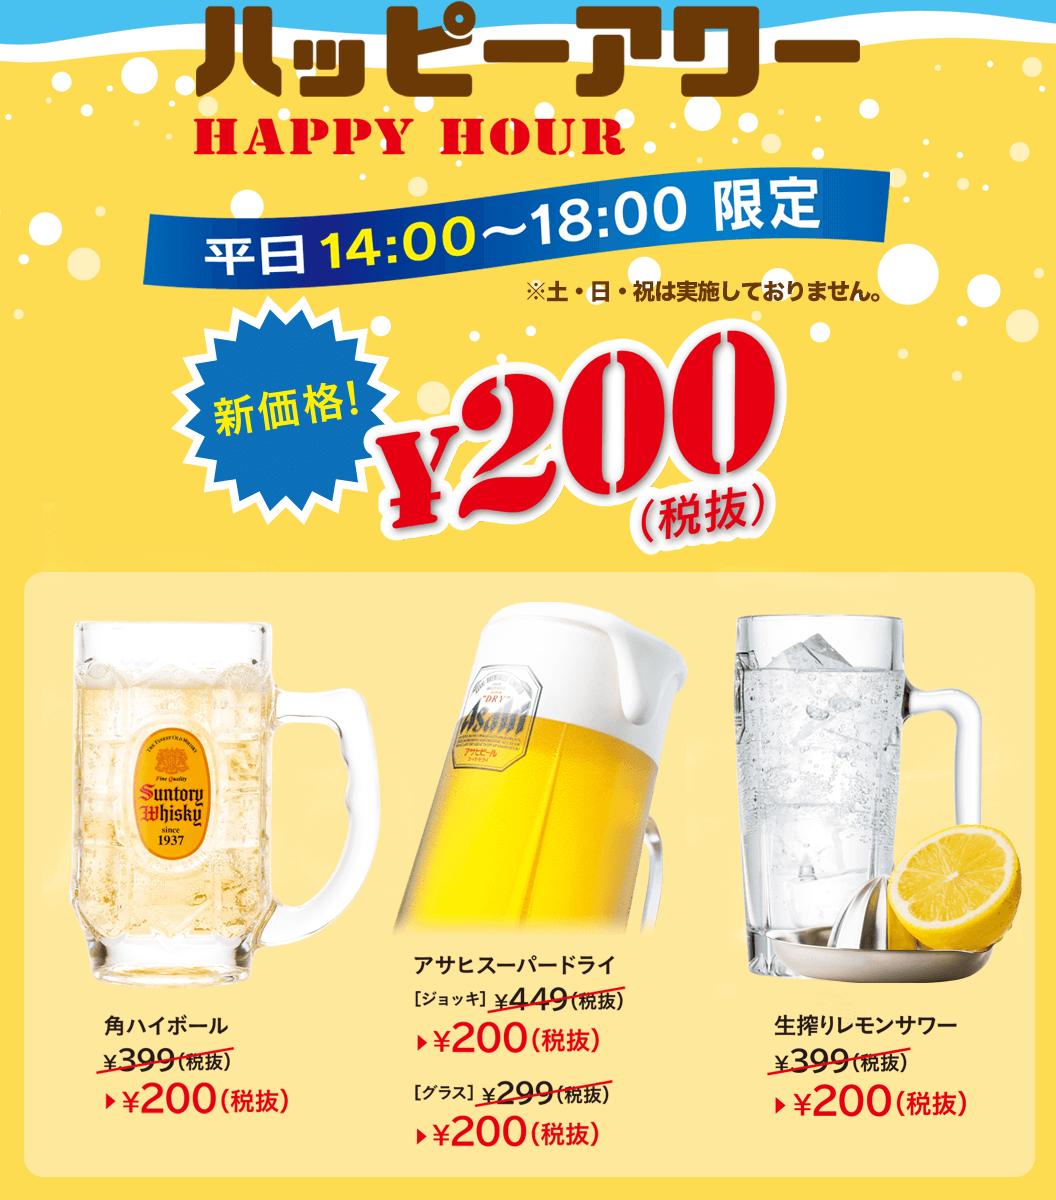 ガストで100円引き定期券を使うと、7円で紹興酒やワイン、ビールが116円で飲めると話題に。もれなく「セブン」とあだ名が付くぞ。